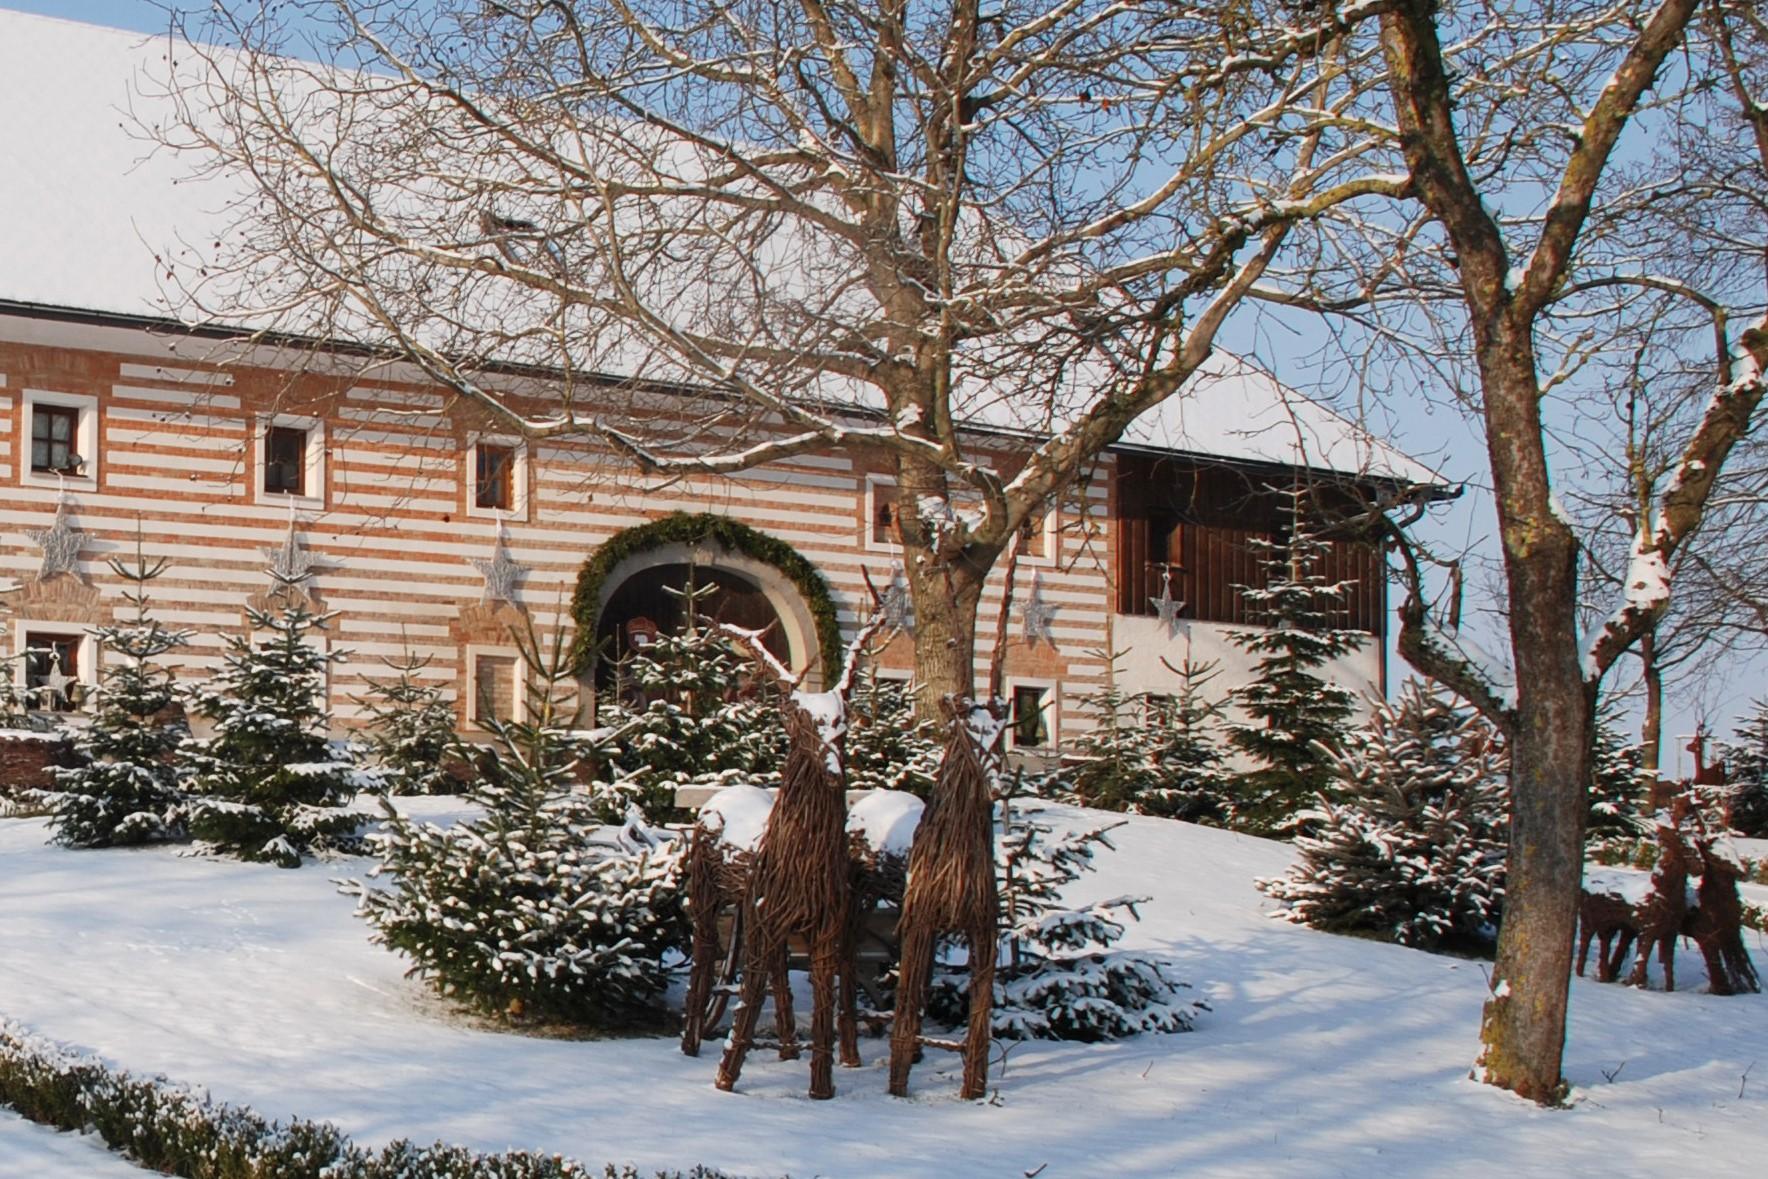 beschauliches weihnachten am bauernhof in sierning hello. Black Bedroom Furniture Sets. Home Design Ideas